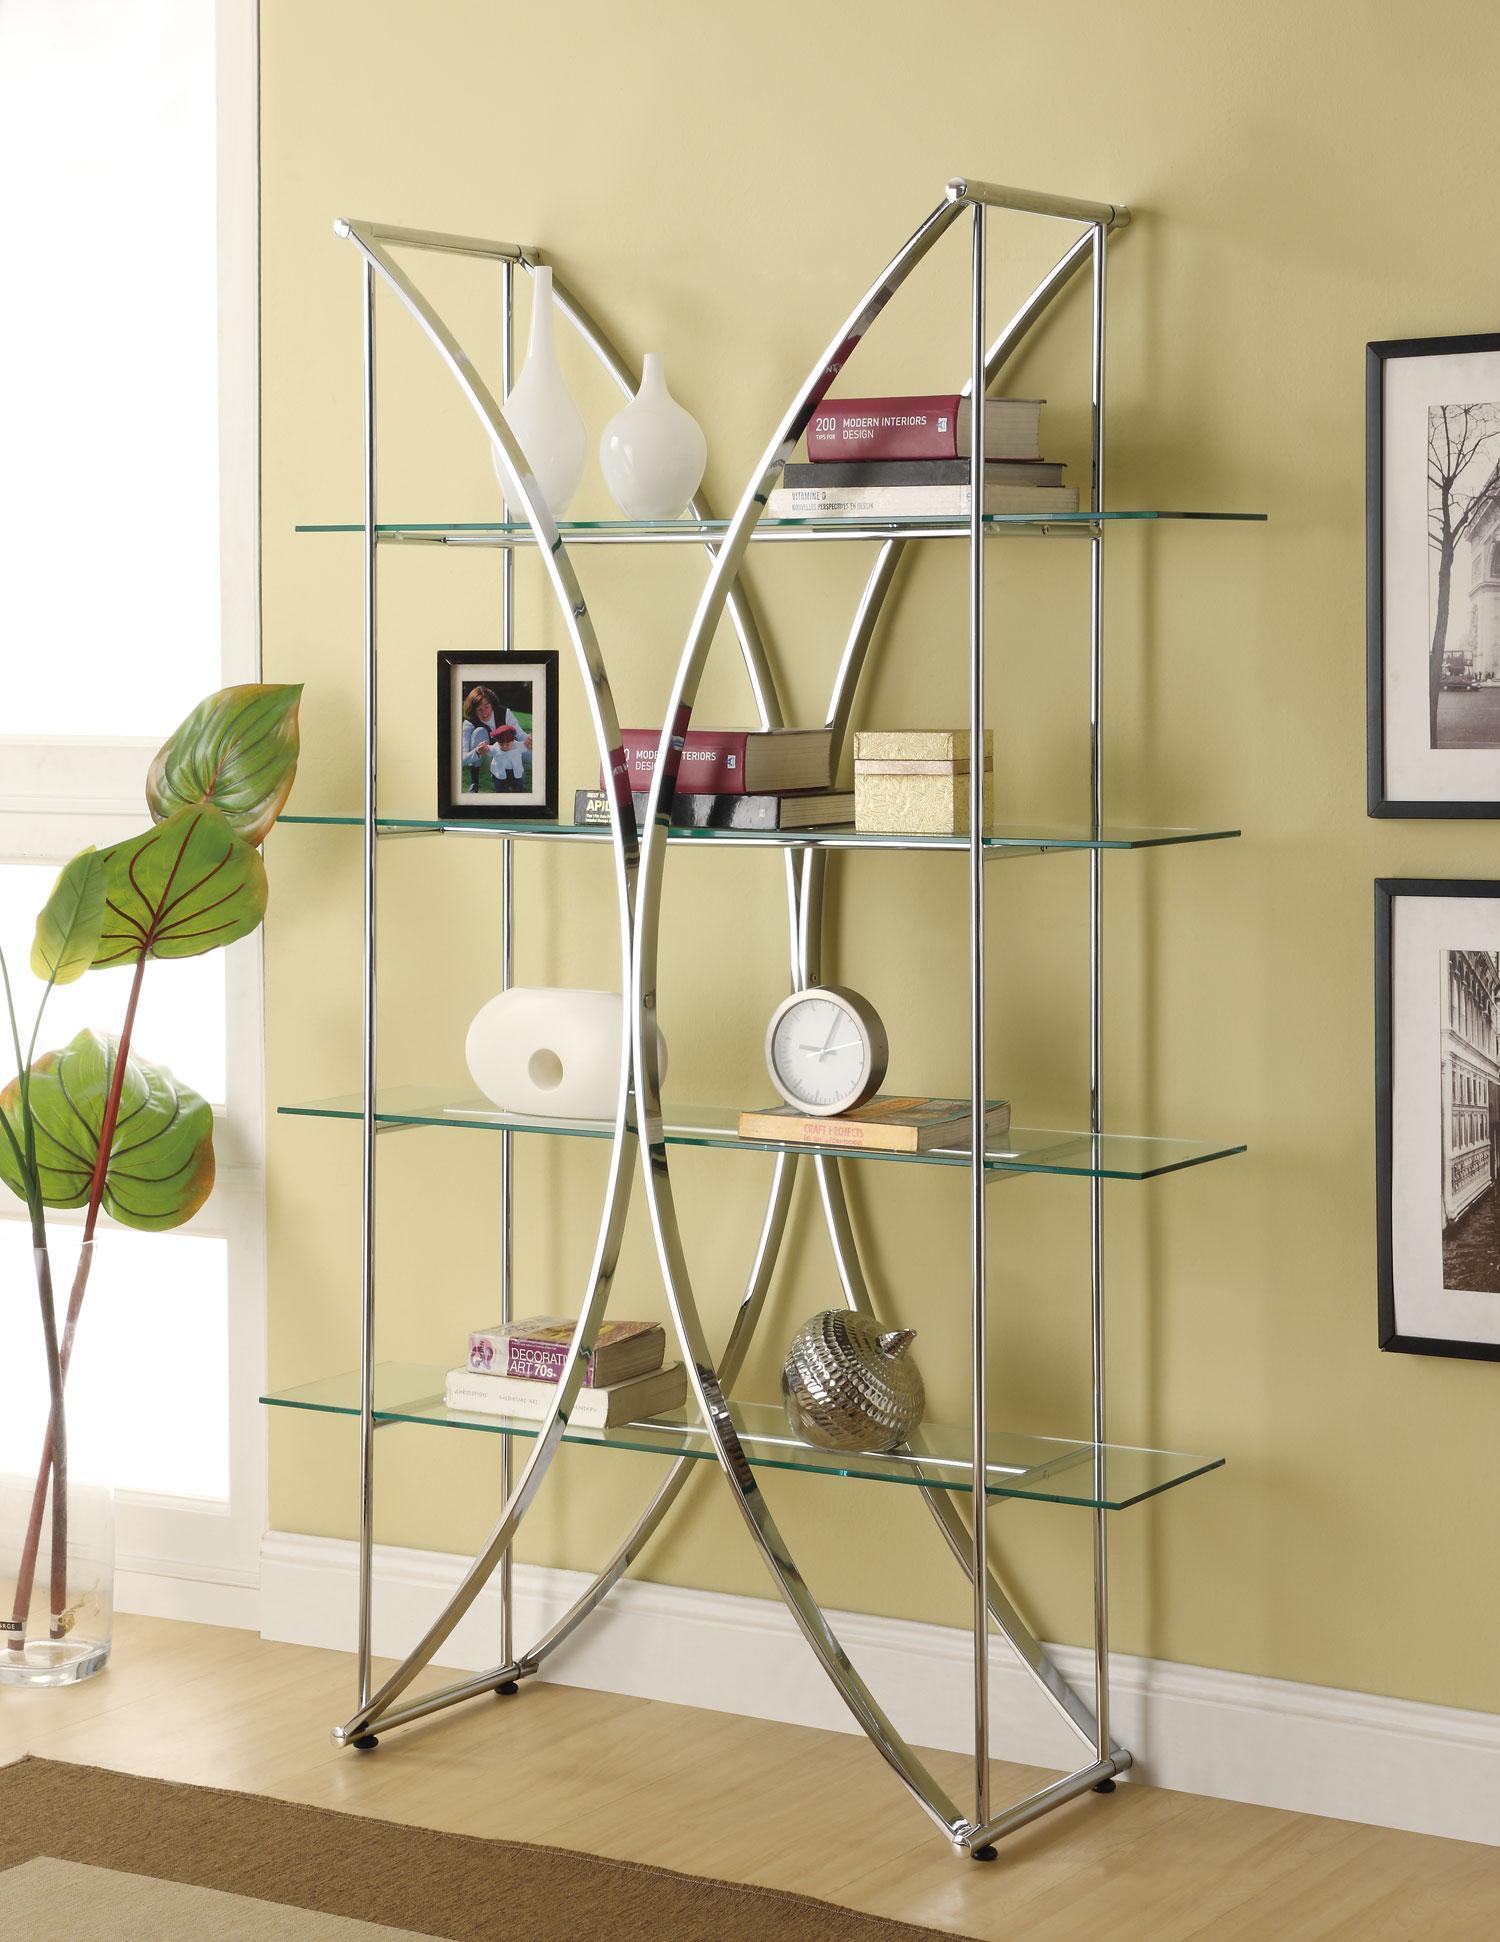 Стеллаж для хранения декоративных предметов, книг и прочего